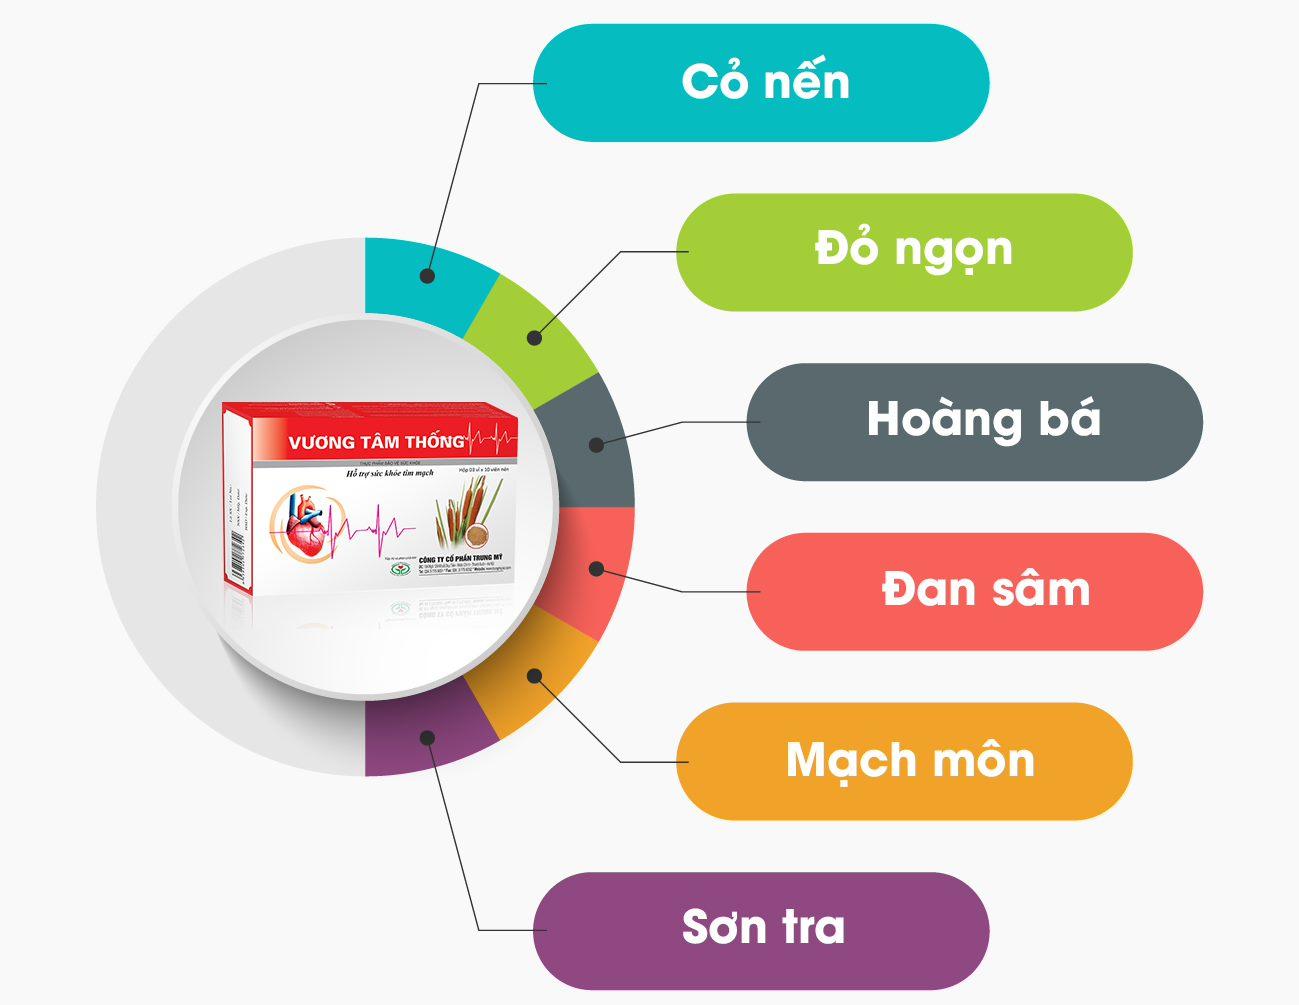 Vương Tâm Thống – sản phẩm hỗ trợ điều trị hở van tim từ thảo dược